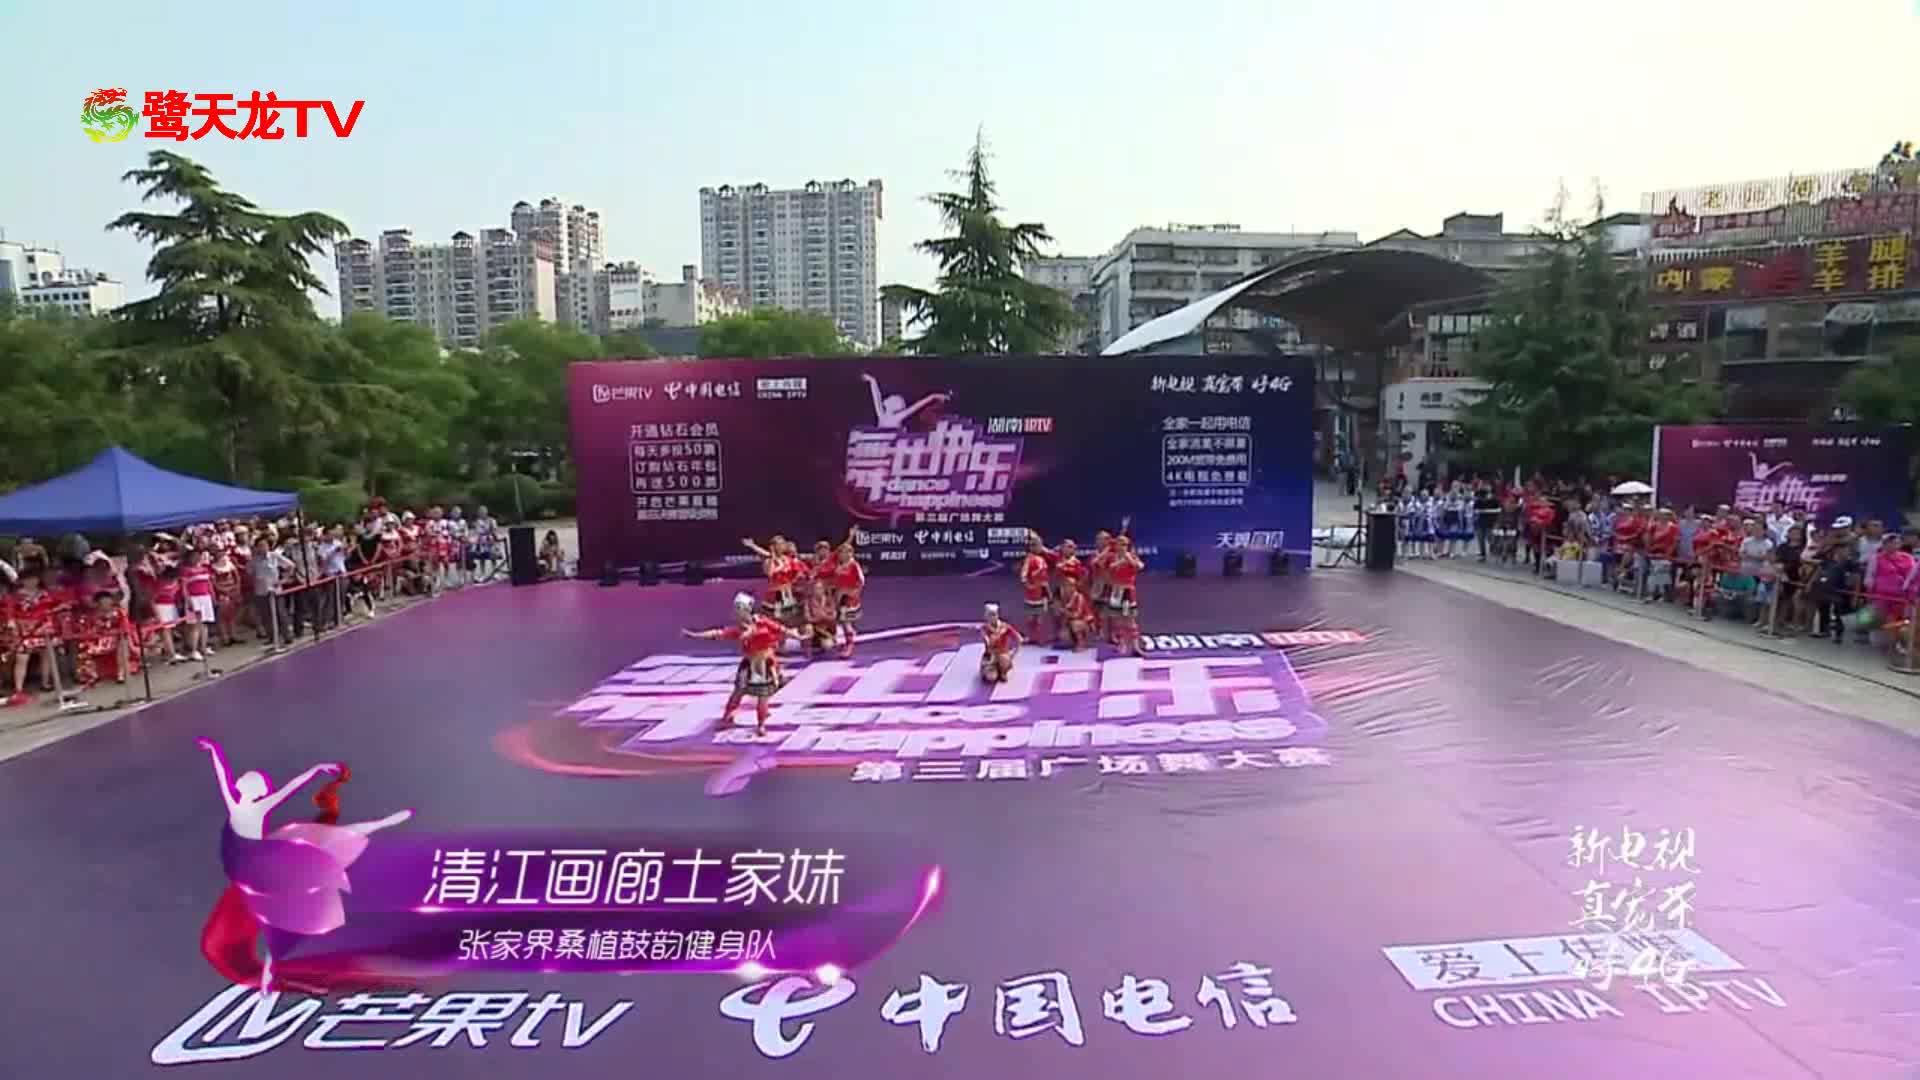 舞比快乐第三届广场舞大赛张家界站复赛曲目《清江画廊土家妹》